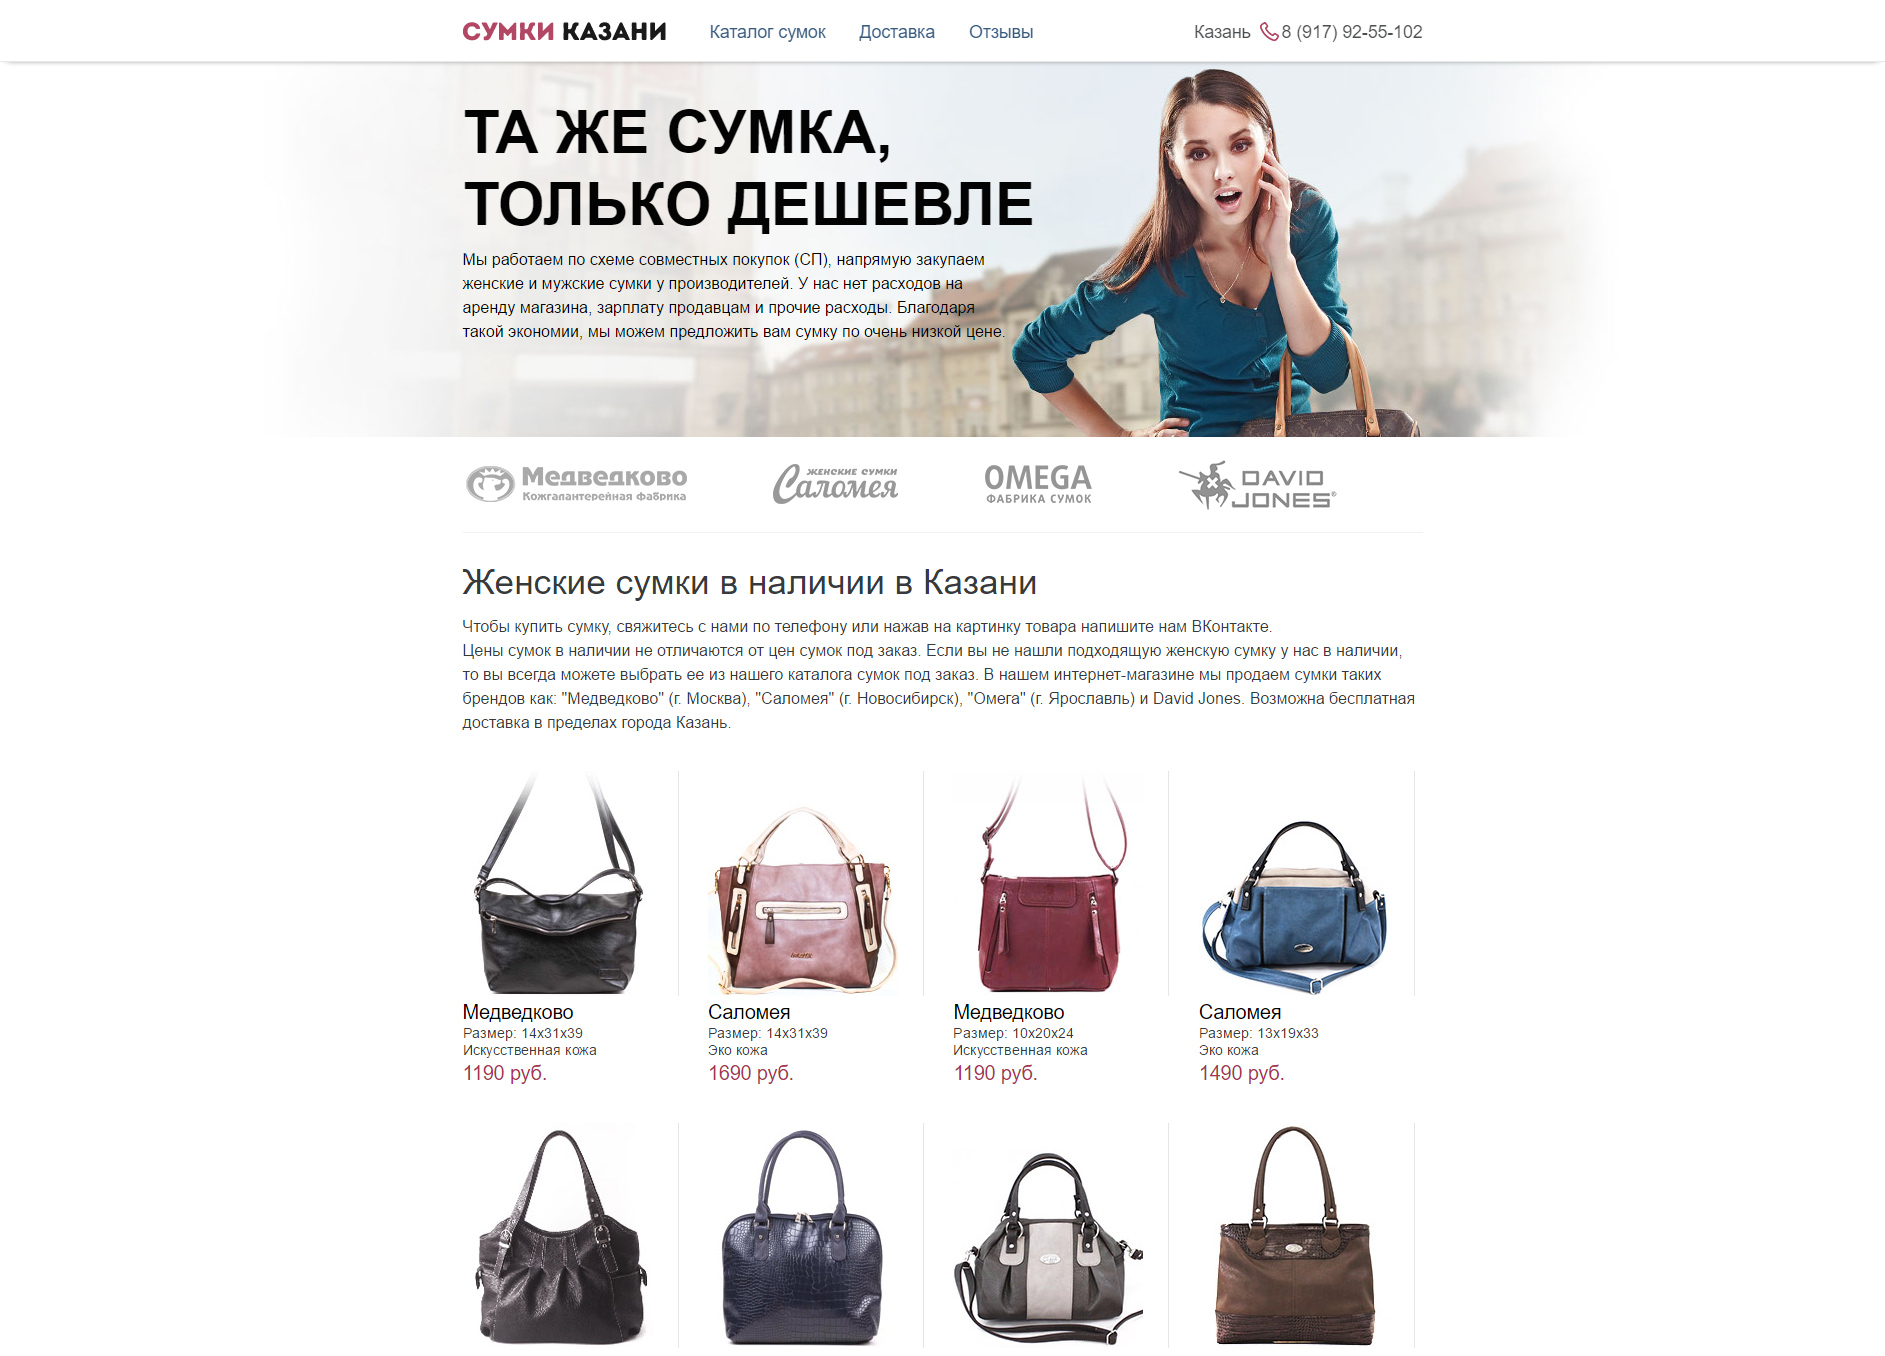 77a0438ad73d Женские сумки в наличии в Казани